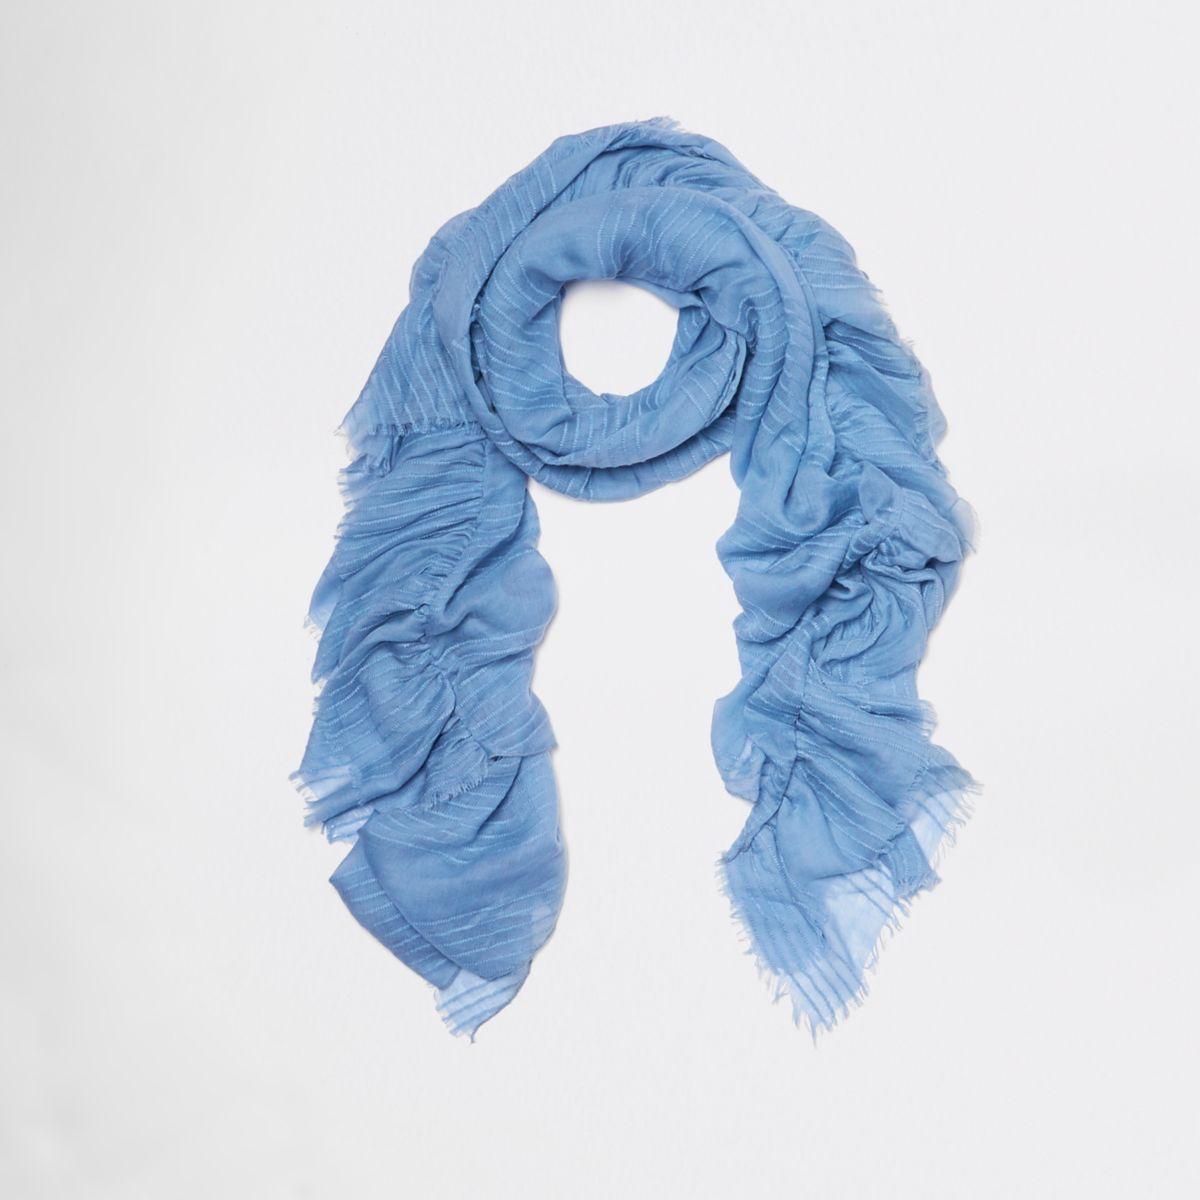 Blauwe gestreepte sjaal met textuur en ruches